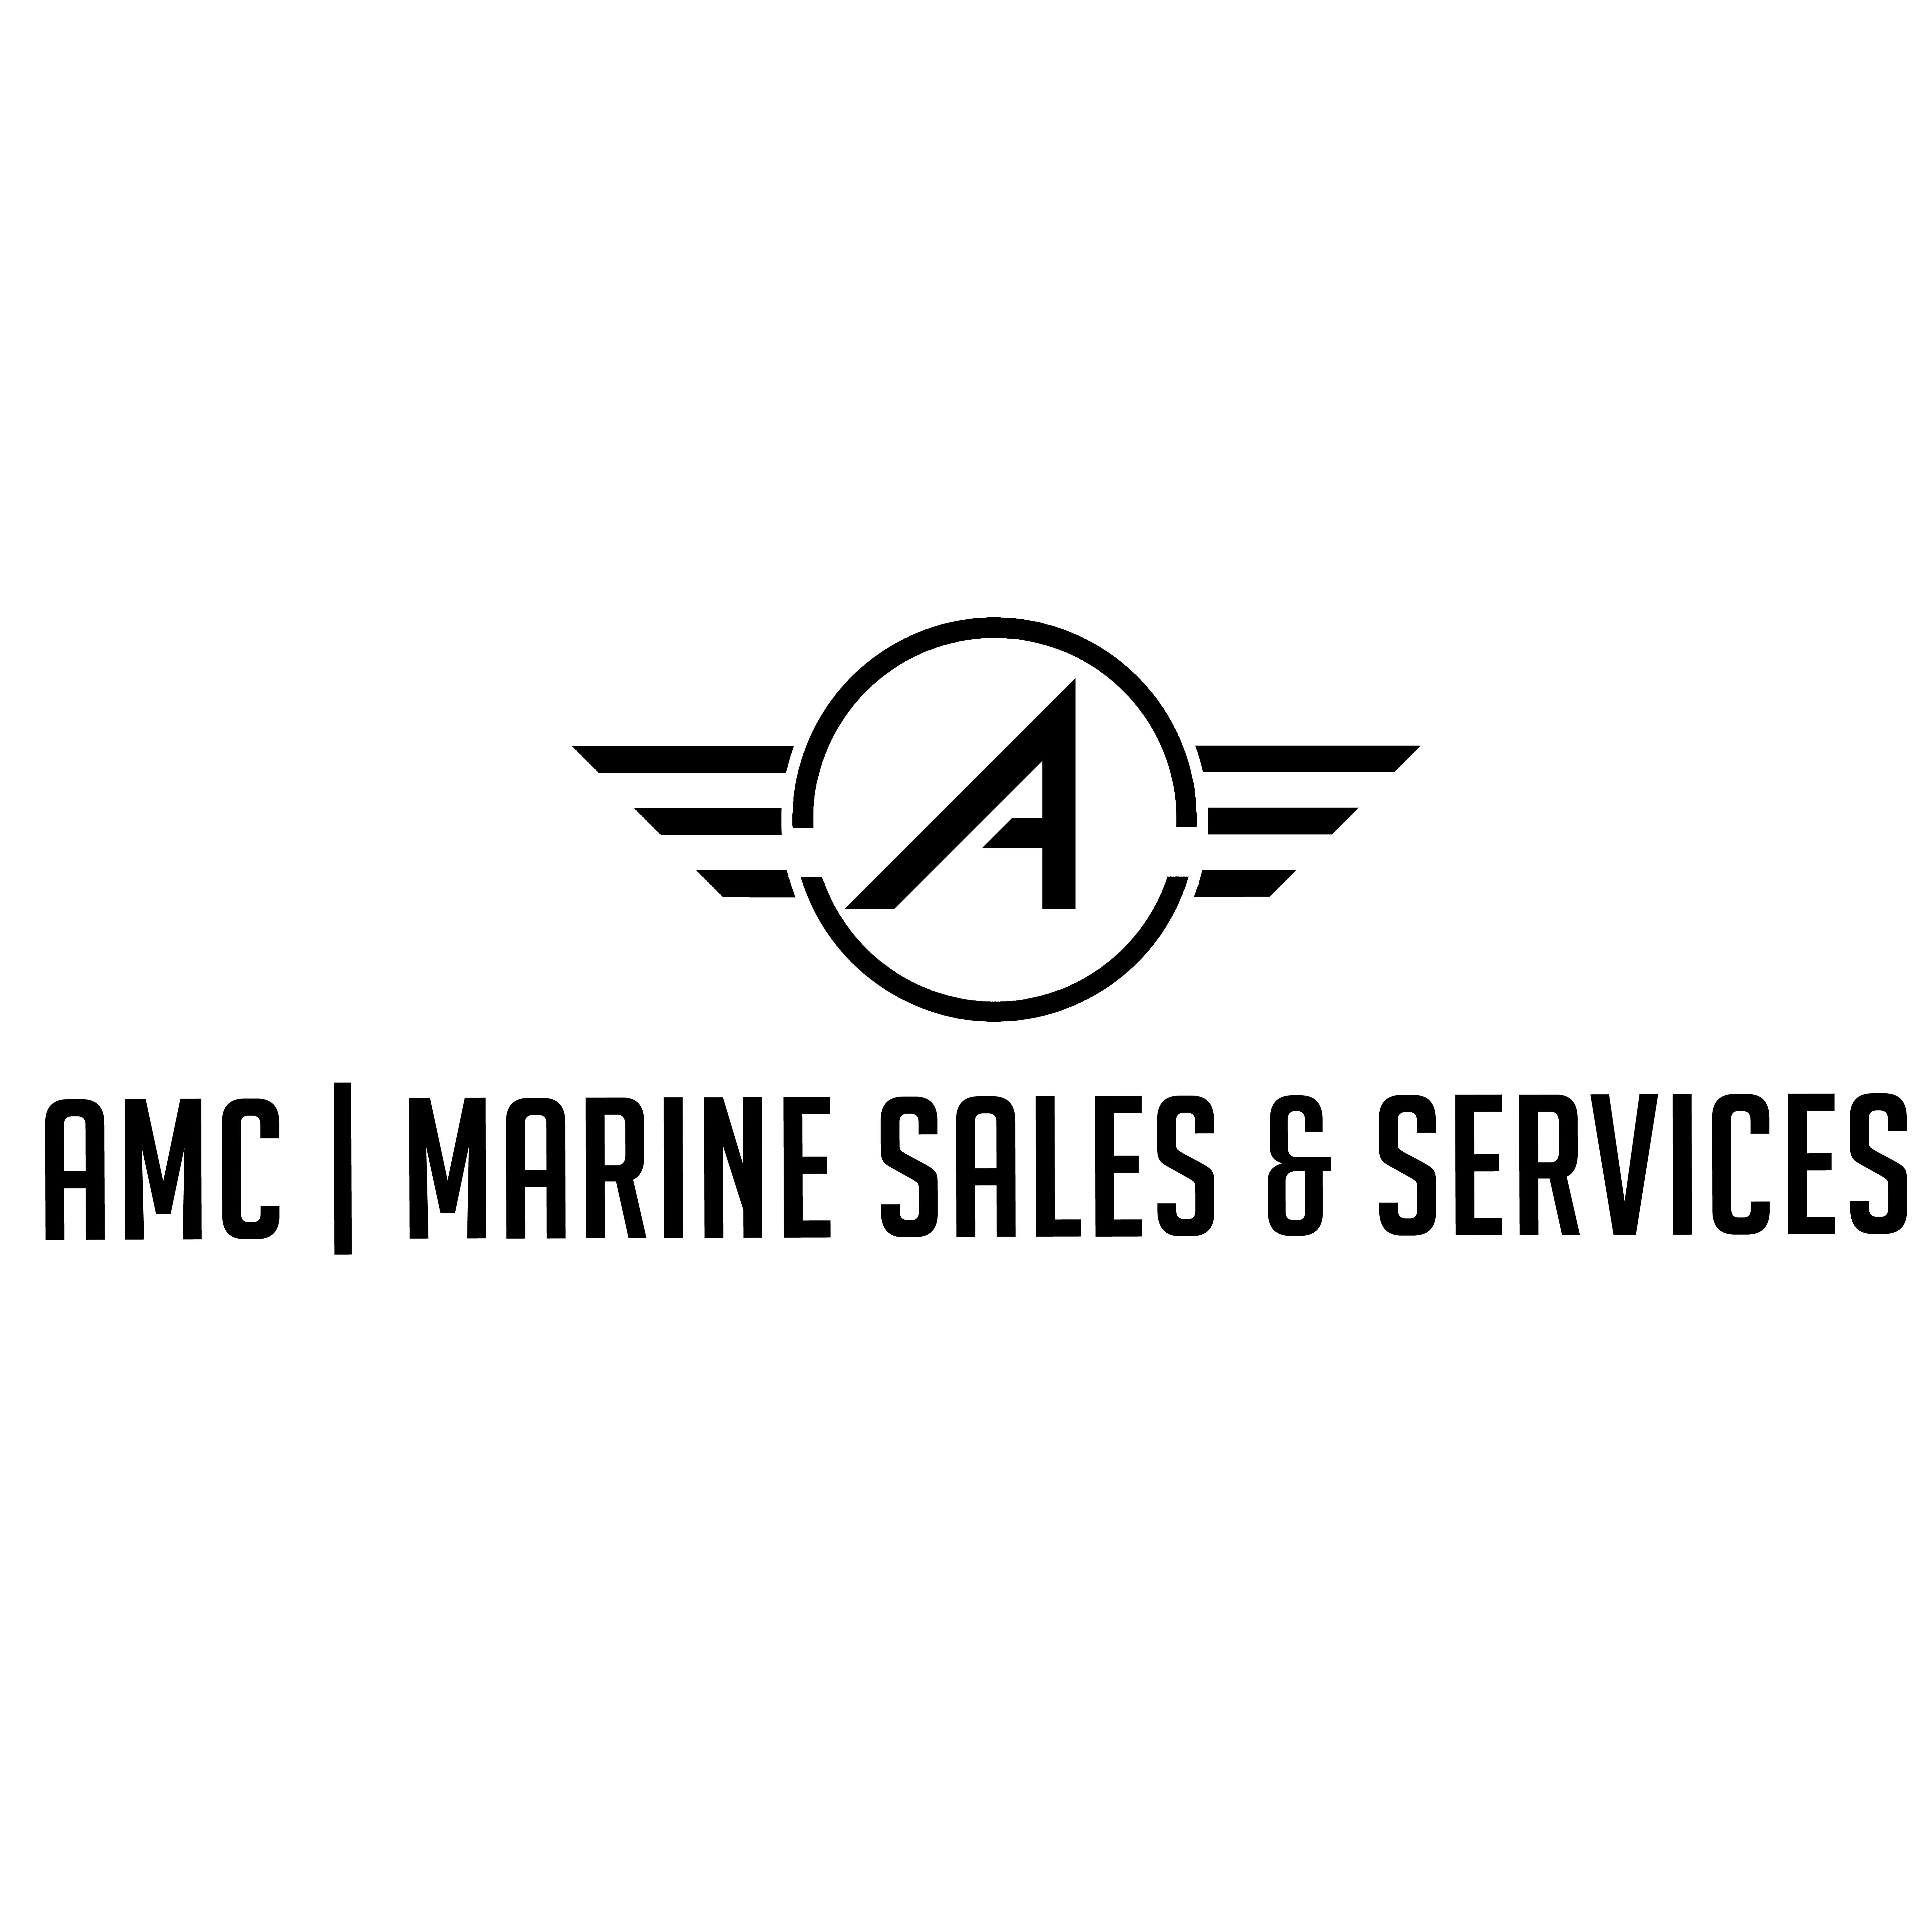 AMC Marine Sales & Service - Hamilton, IN 46742 - (260)488-2900 | ShowMeLocal.com